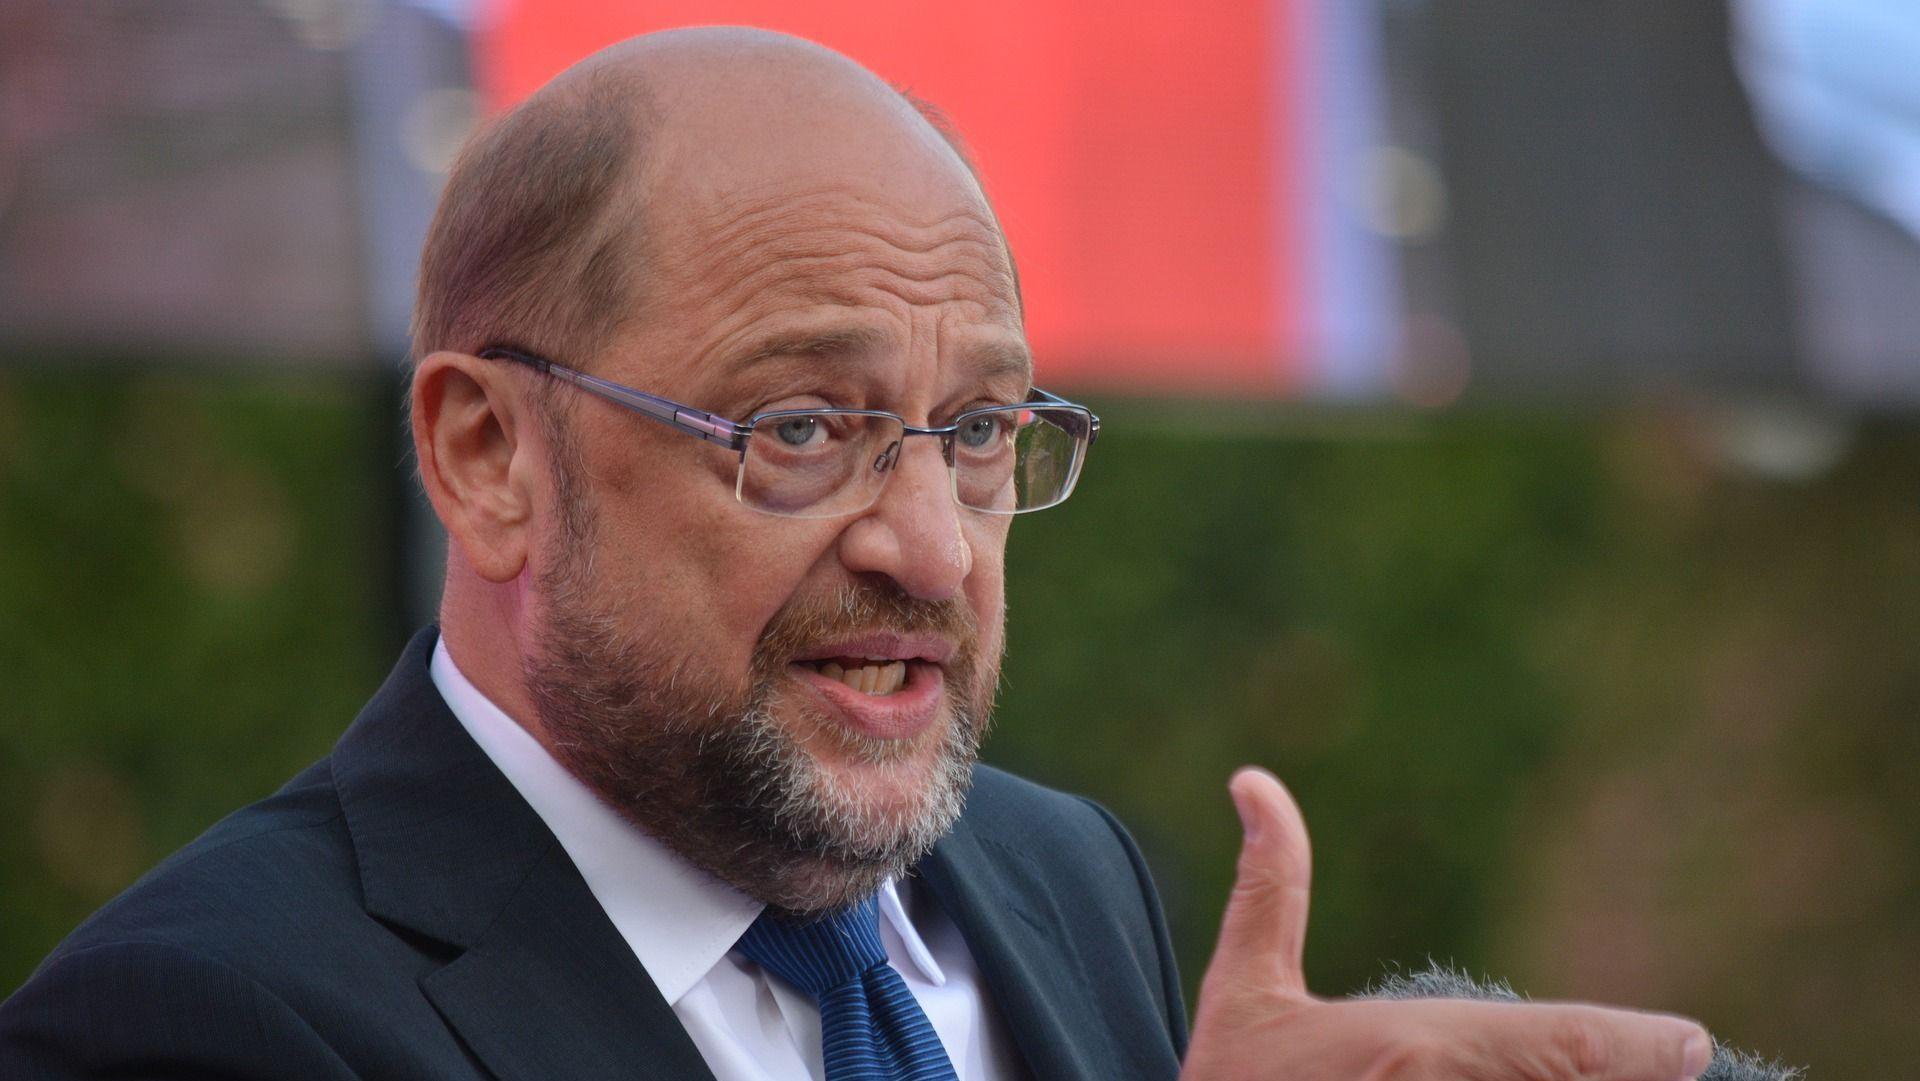 ВГермании участники переговоров достигли прорыва поформированию коалиции